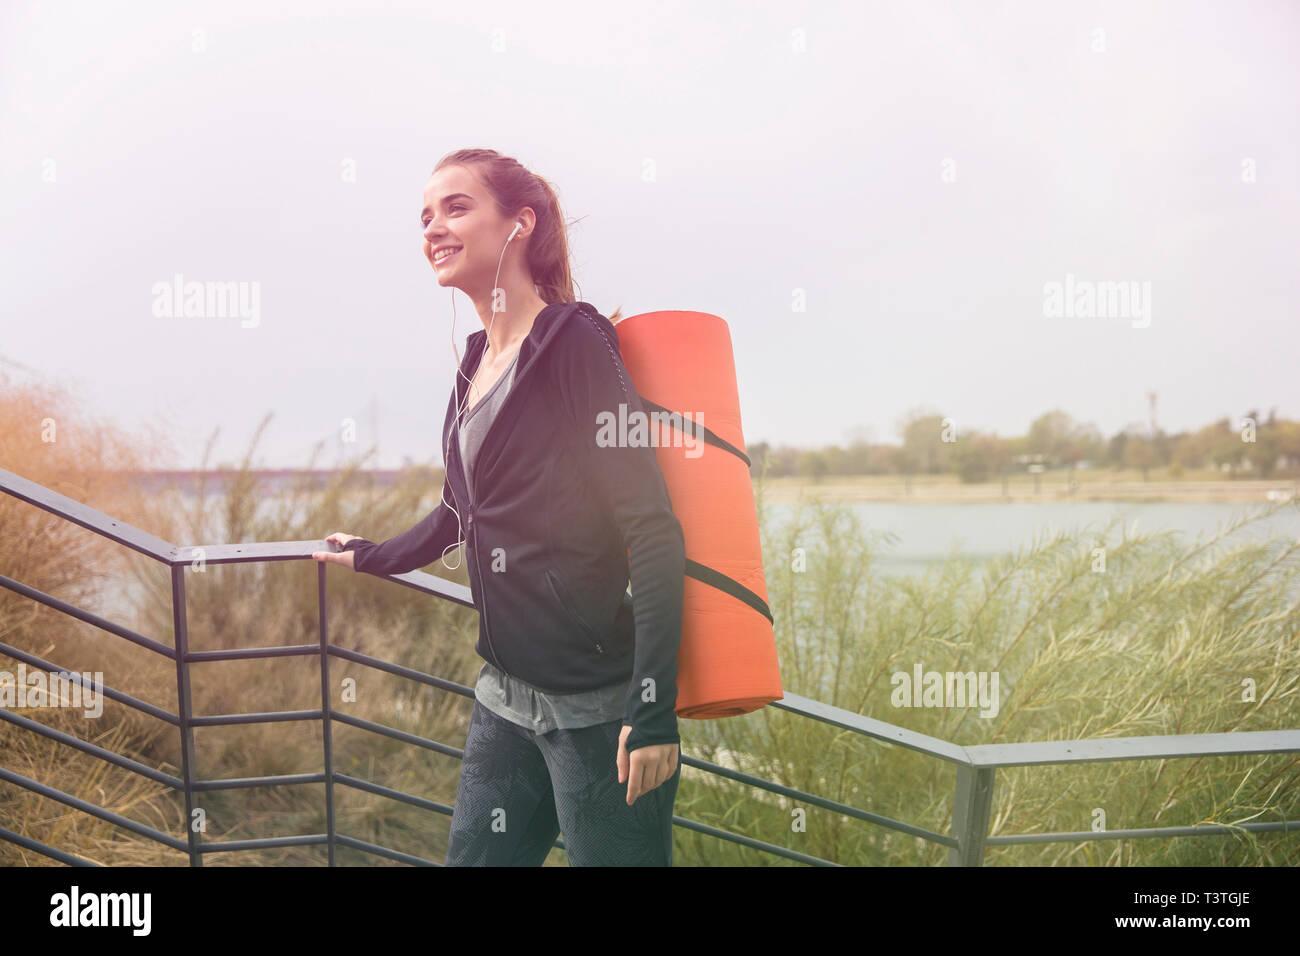 Giovane donna fitness walking con mat sul retro per esterno Foto Stock